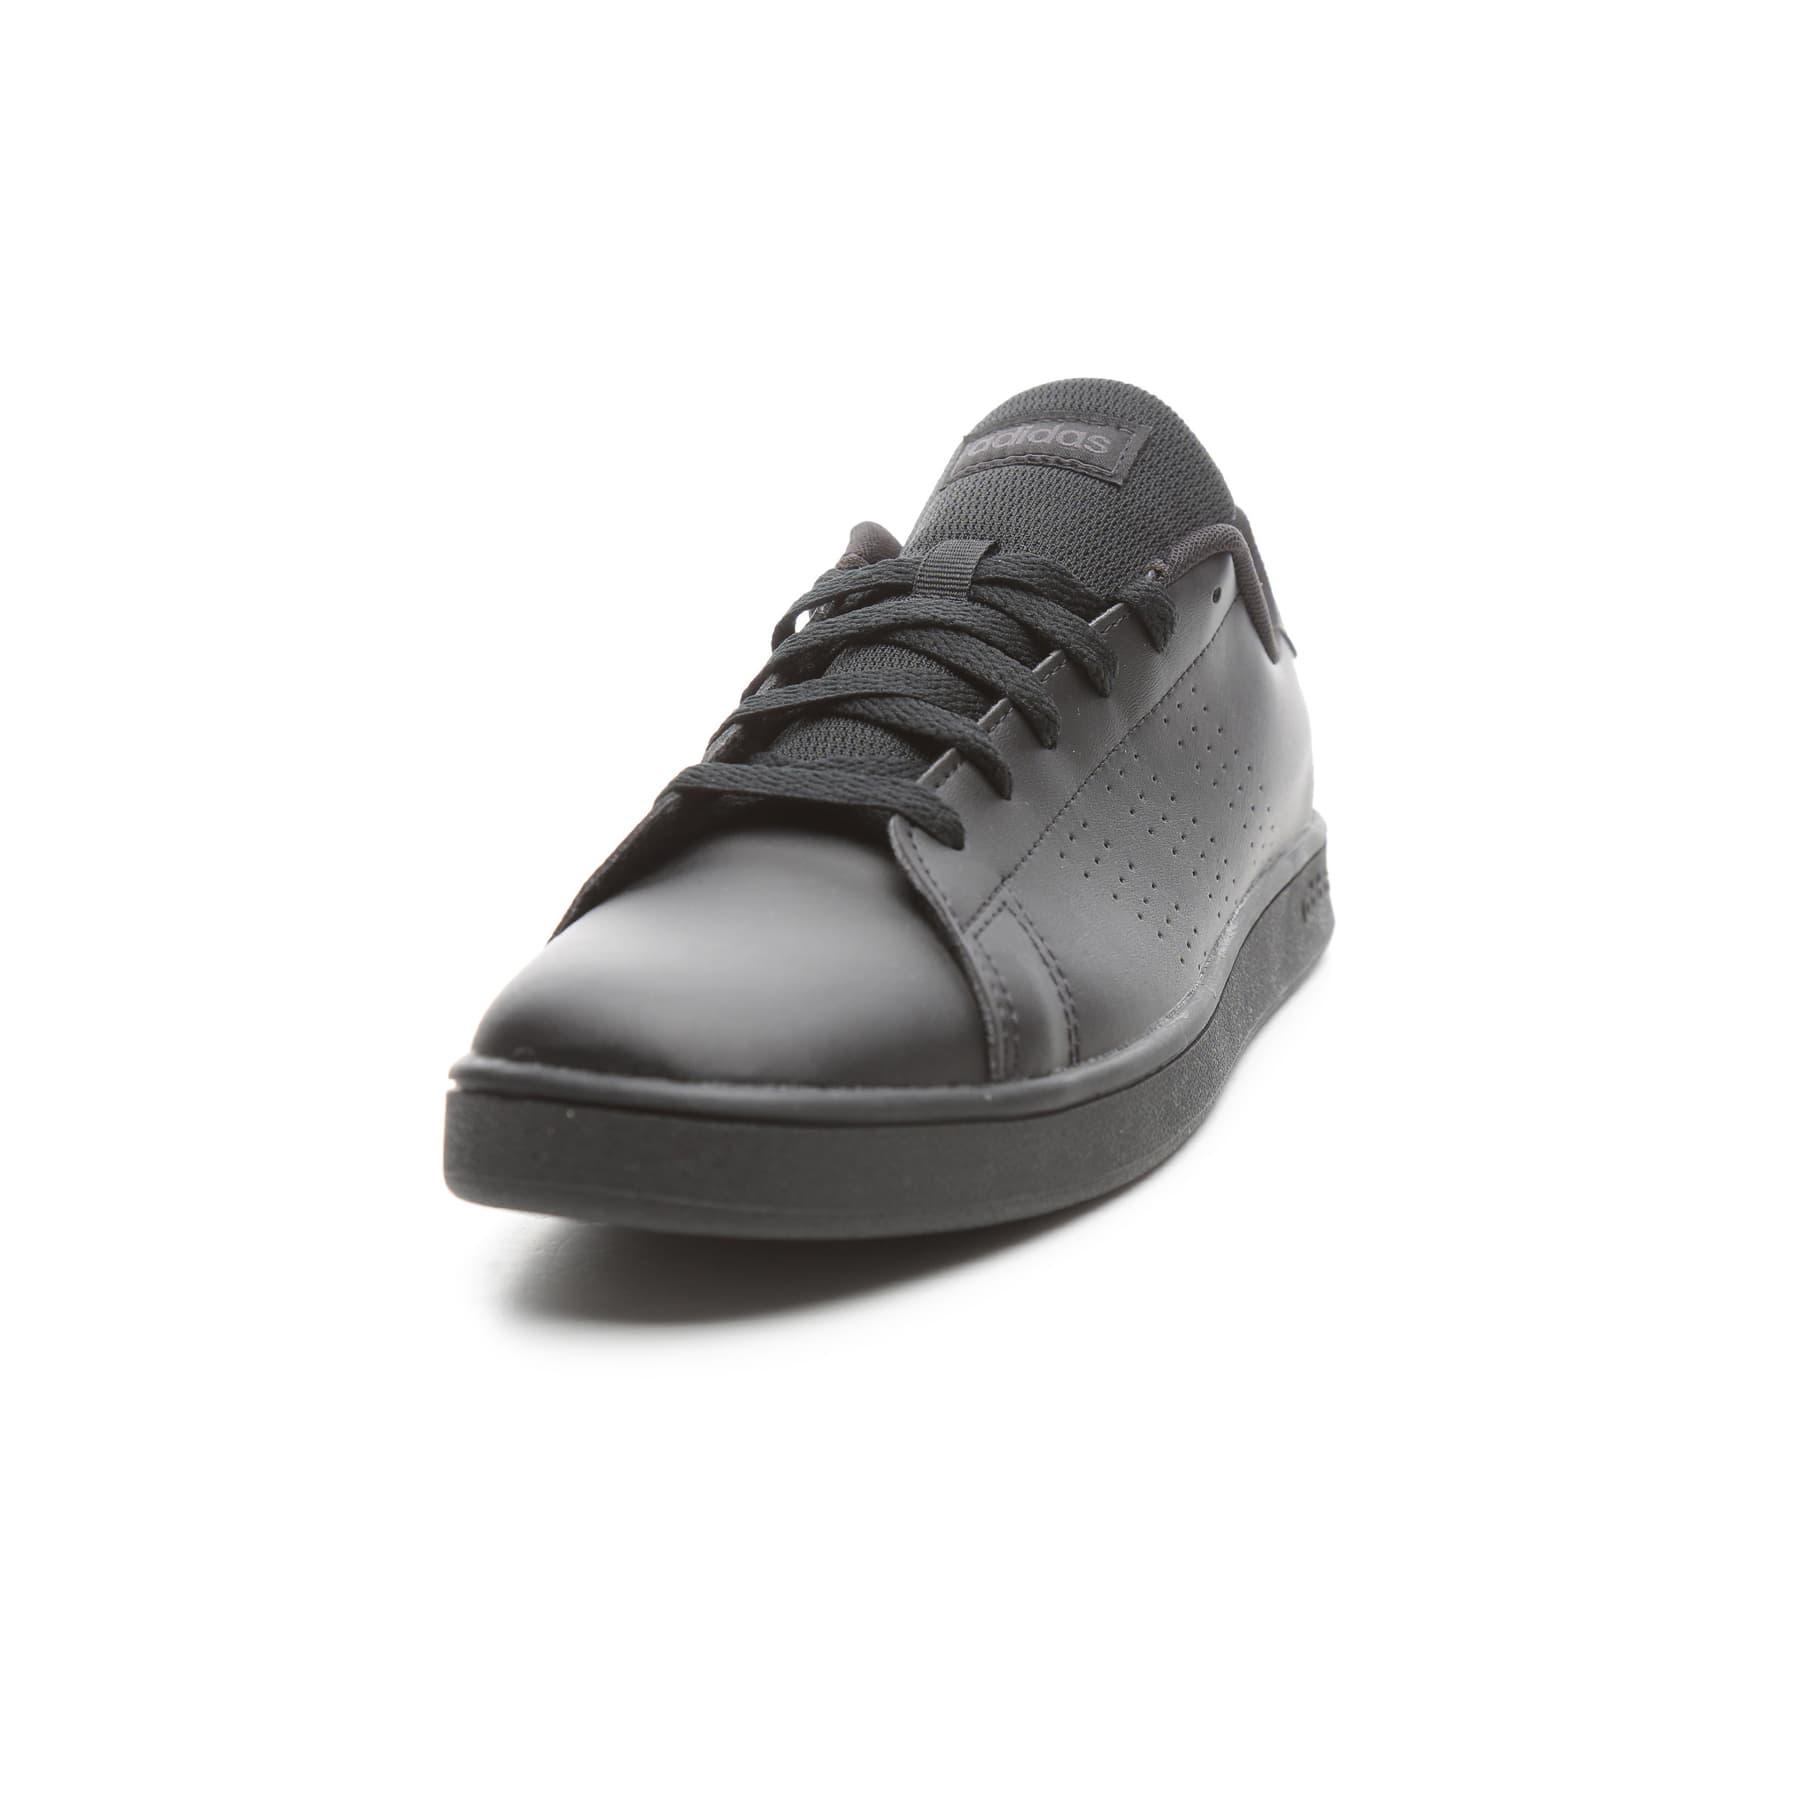 Advantage Kadın Siyah Spor Ayakkabısı